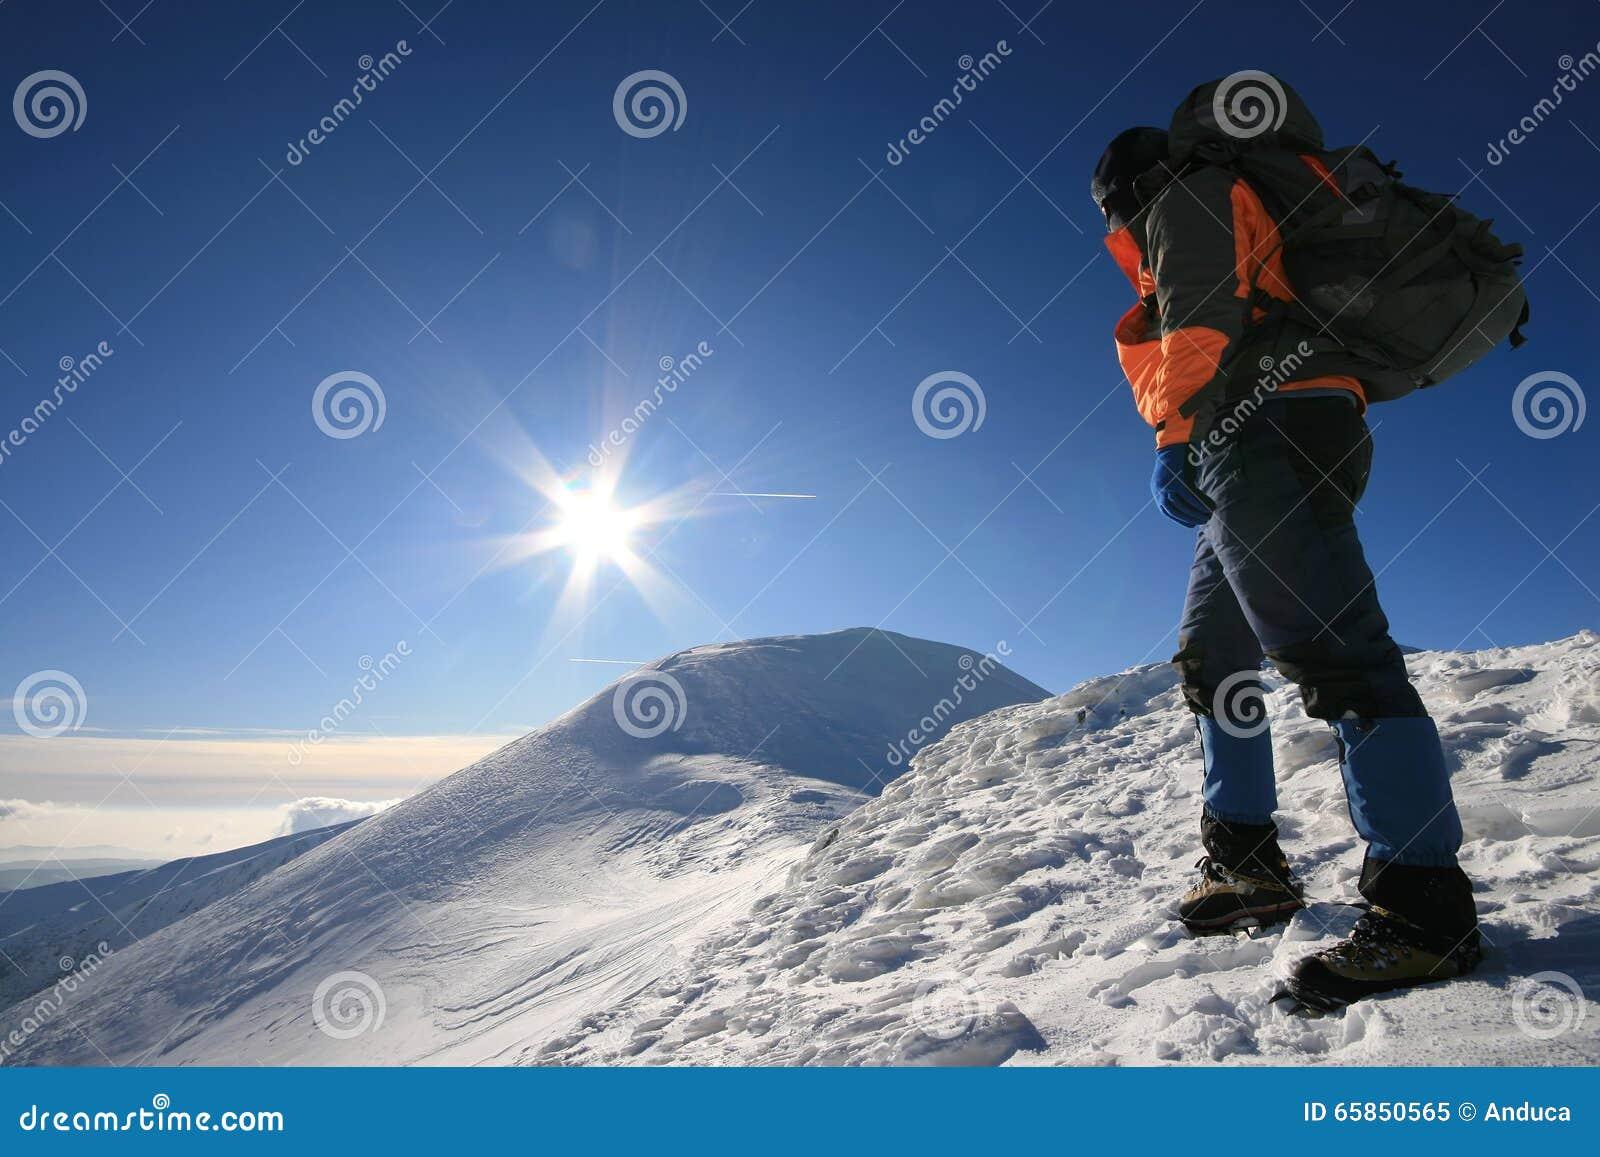 Man facing the sun